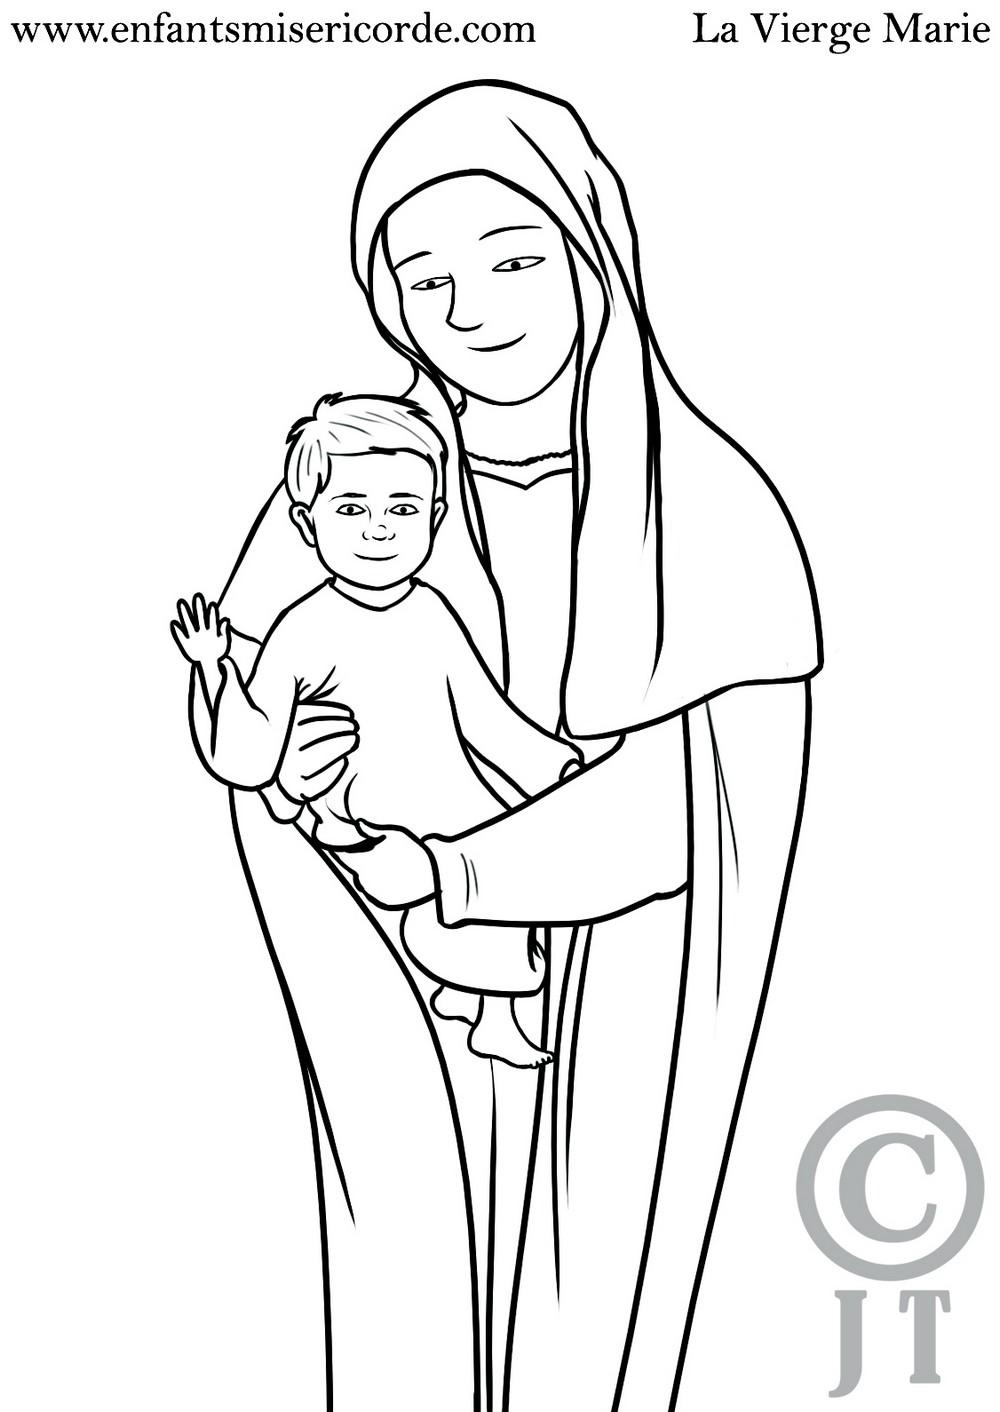 1 Coloriage Vierge Marie Enfants Misericorde 7 11 Ans